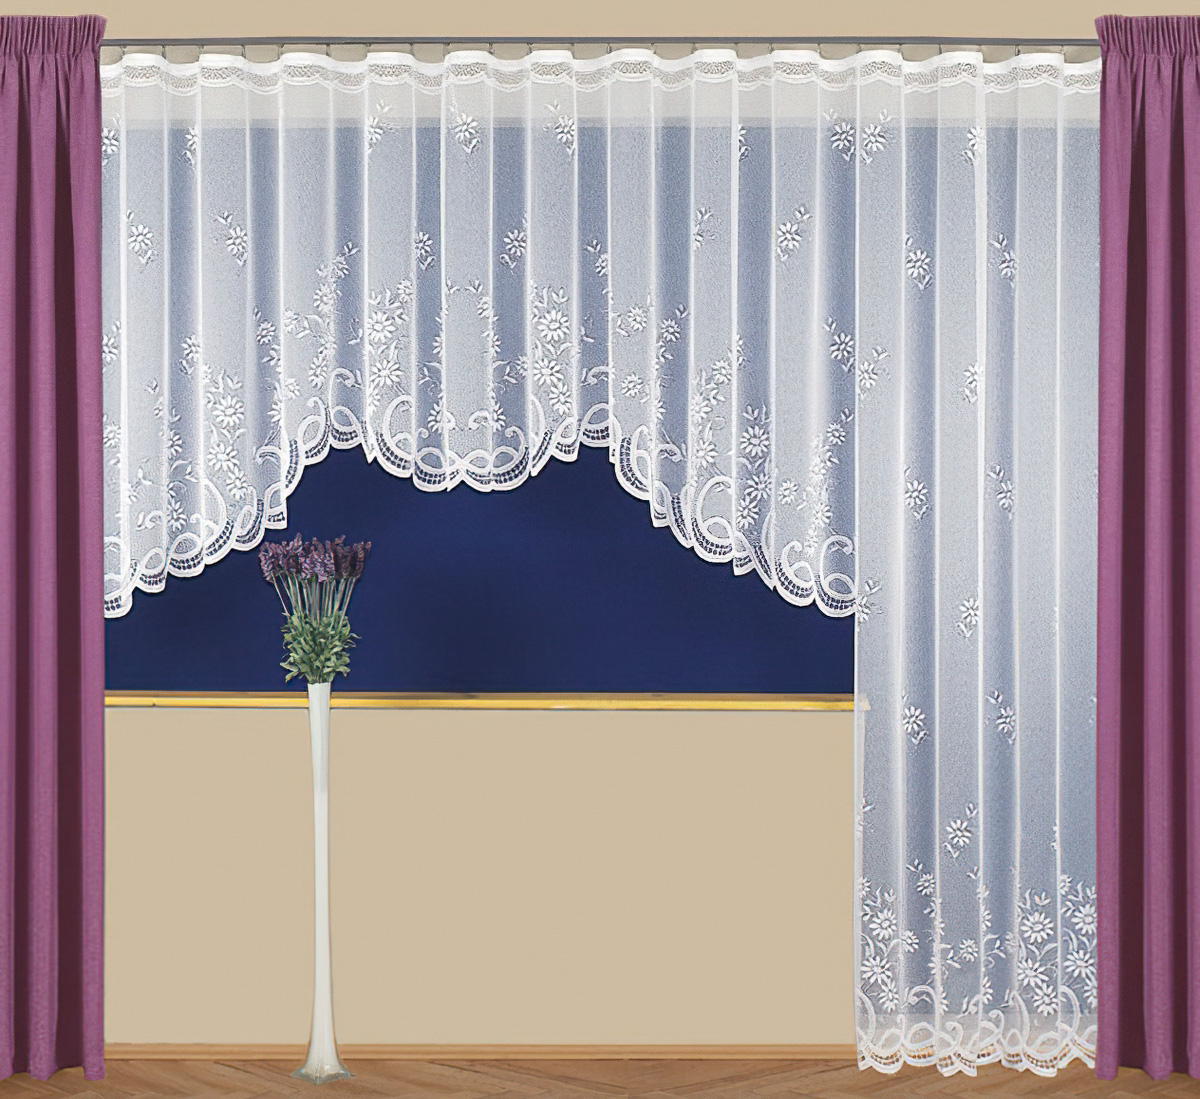 Tylex kusová záclona RÁCHEL jednobarevná bílá, výška 250 cm x šířka 180 cm (na dveře)